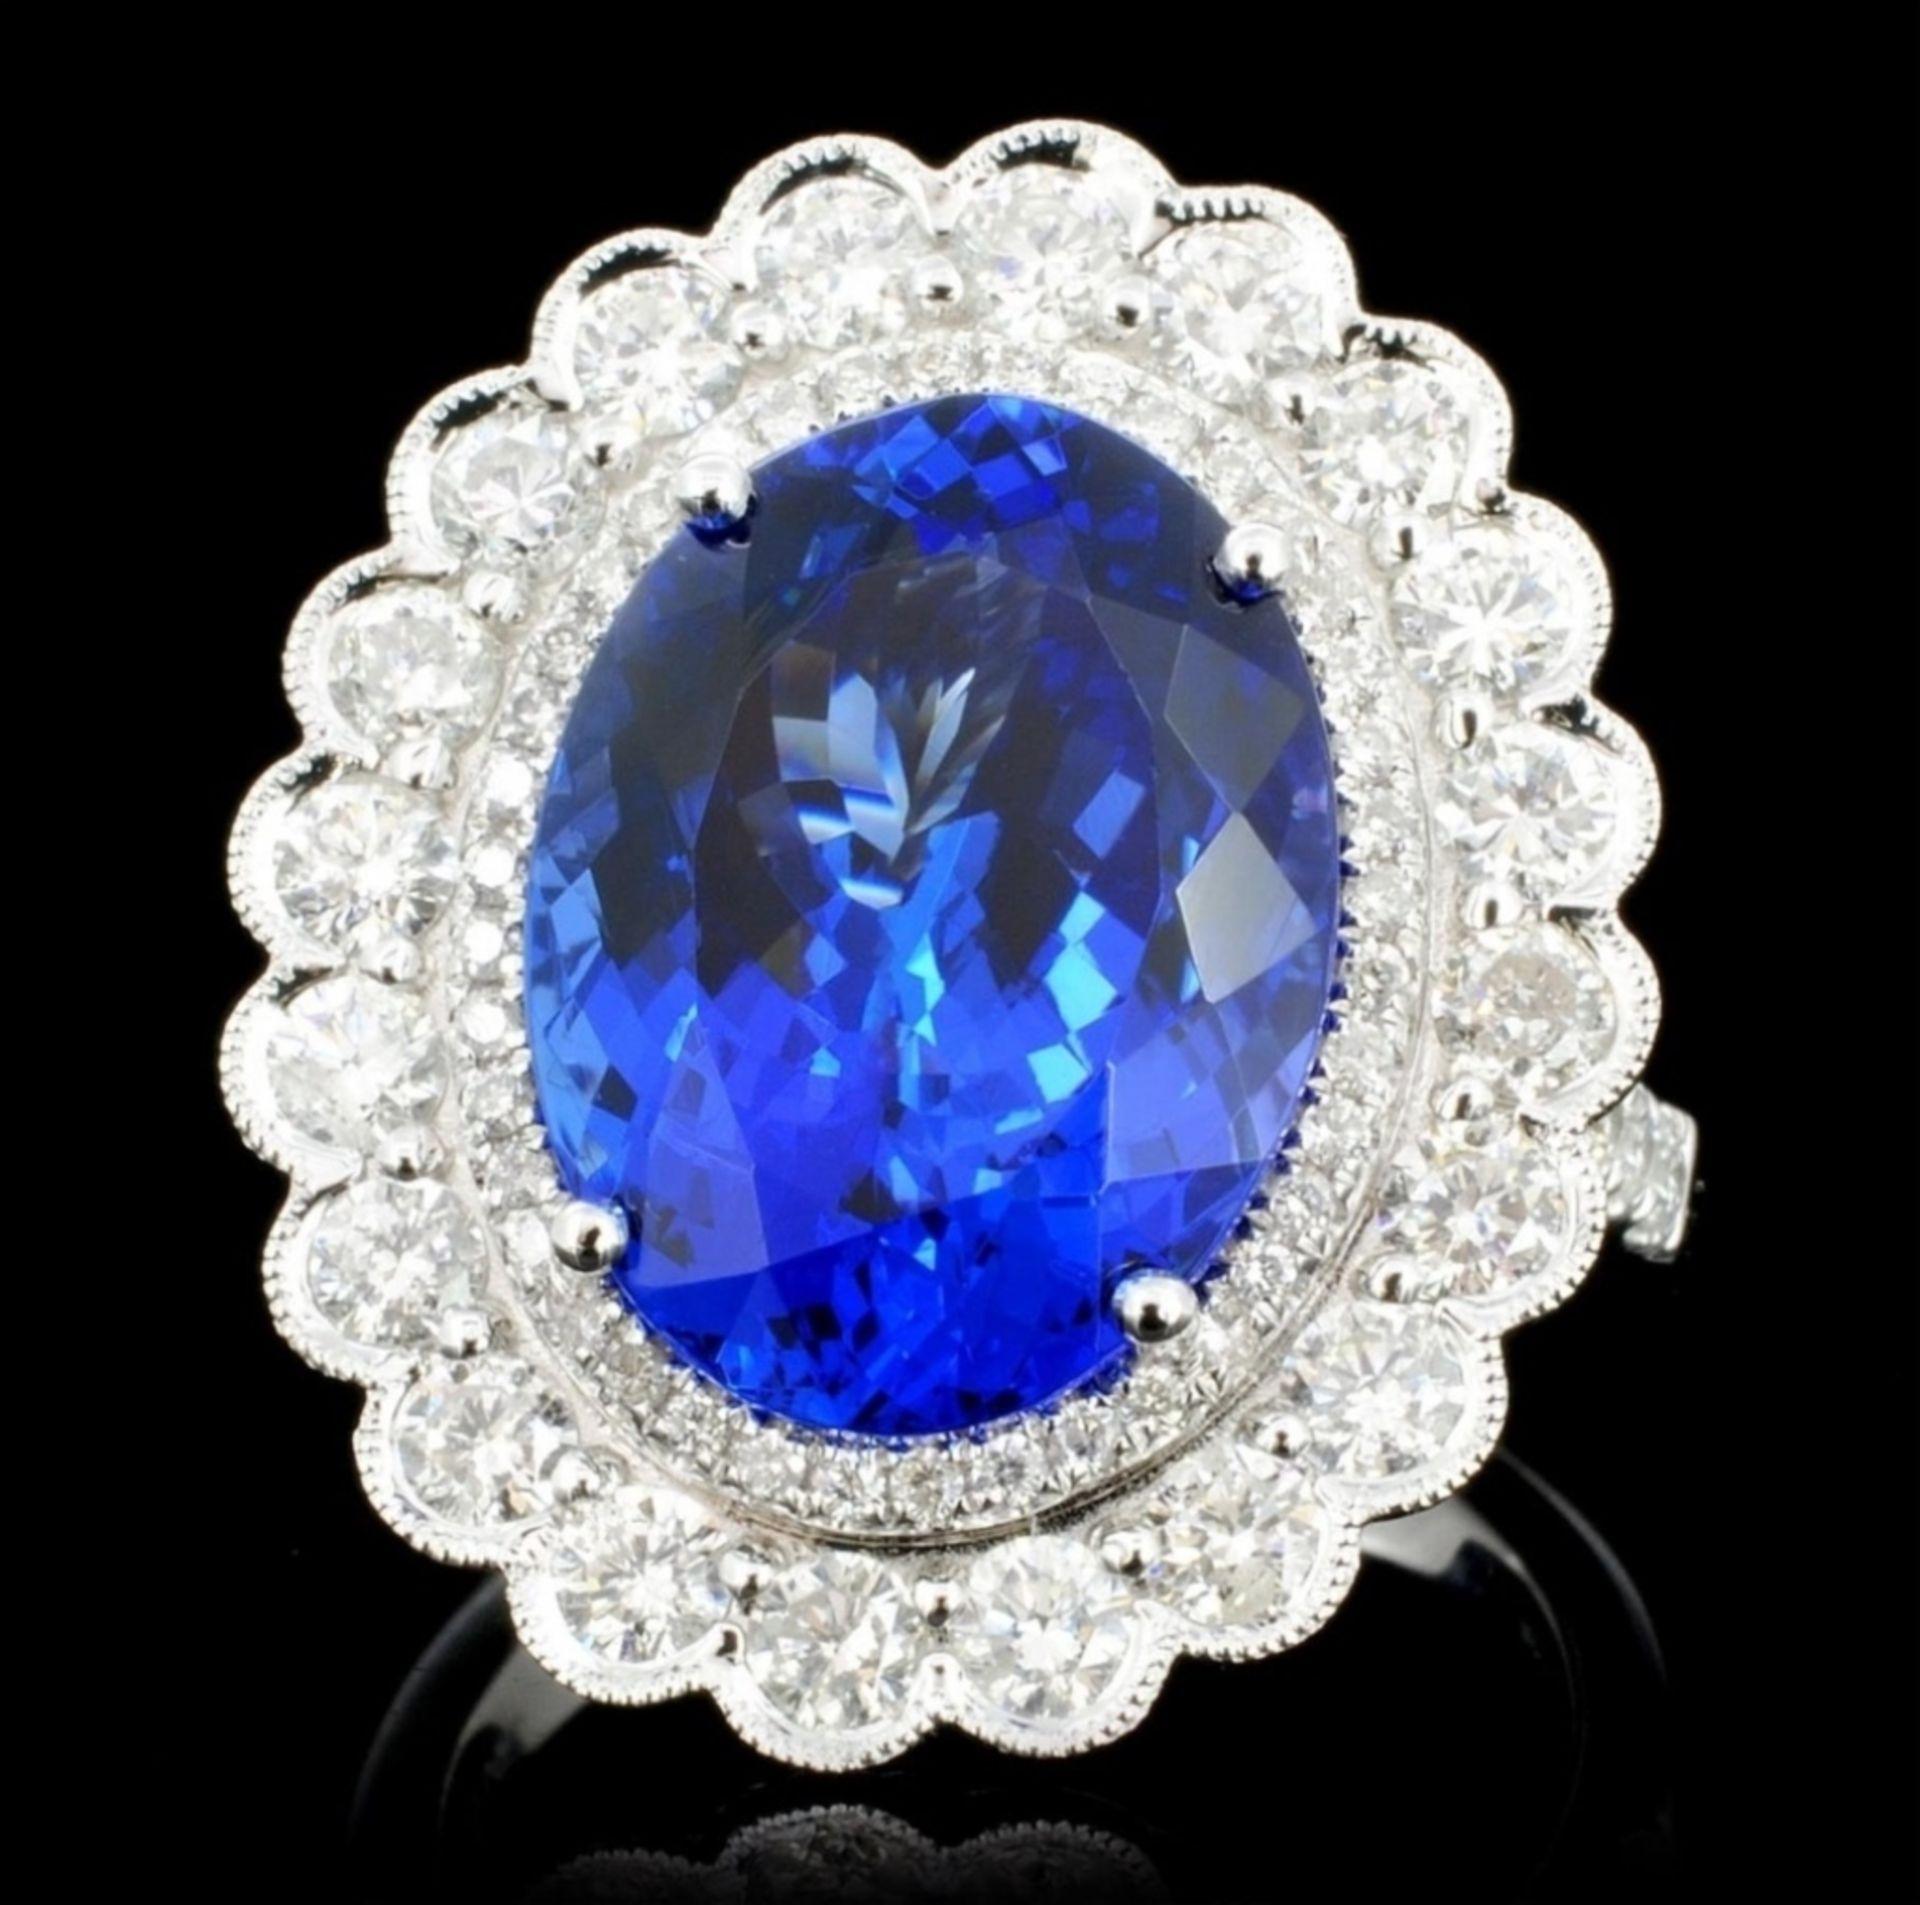 18K Gold 7.59ct Tanzanite & 1.51ct Diamond Ring - Image 2 of 4